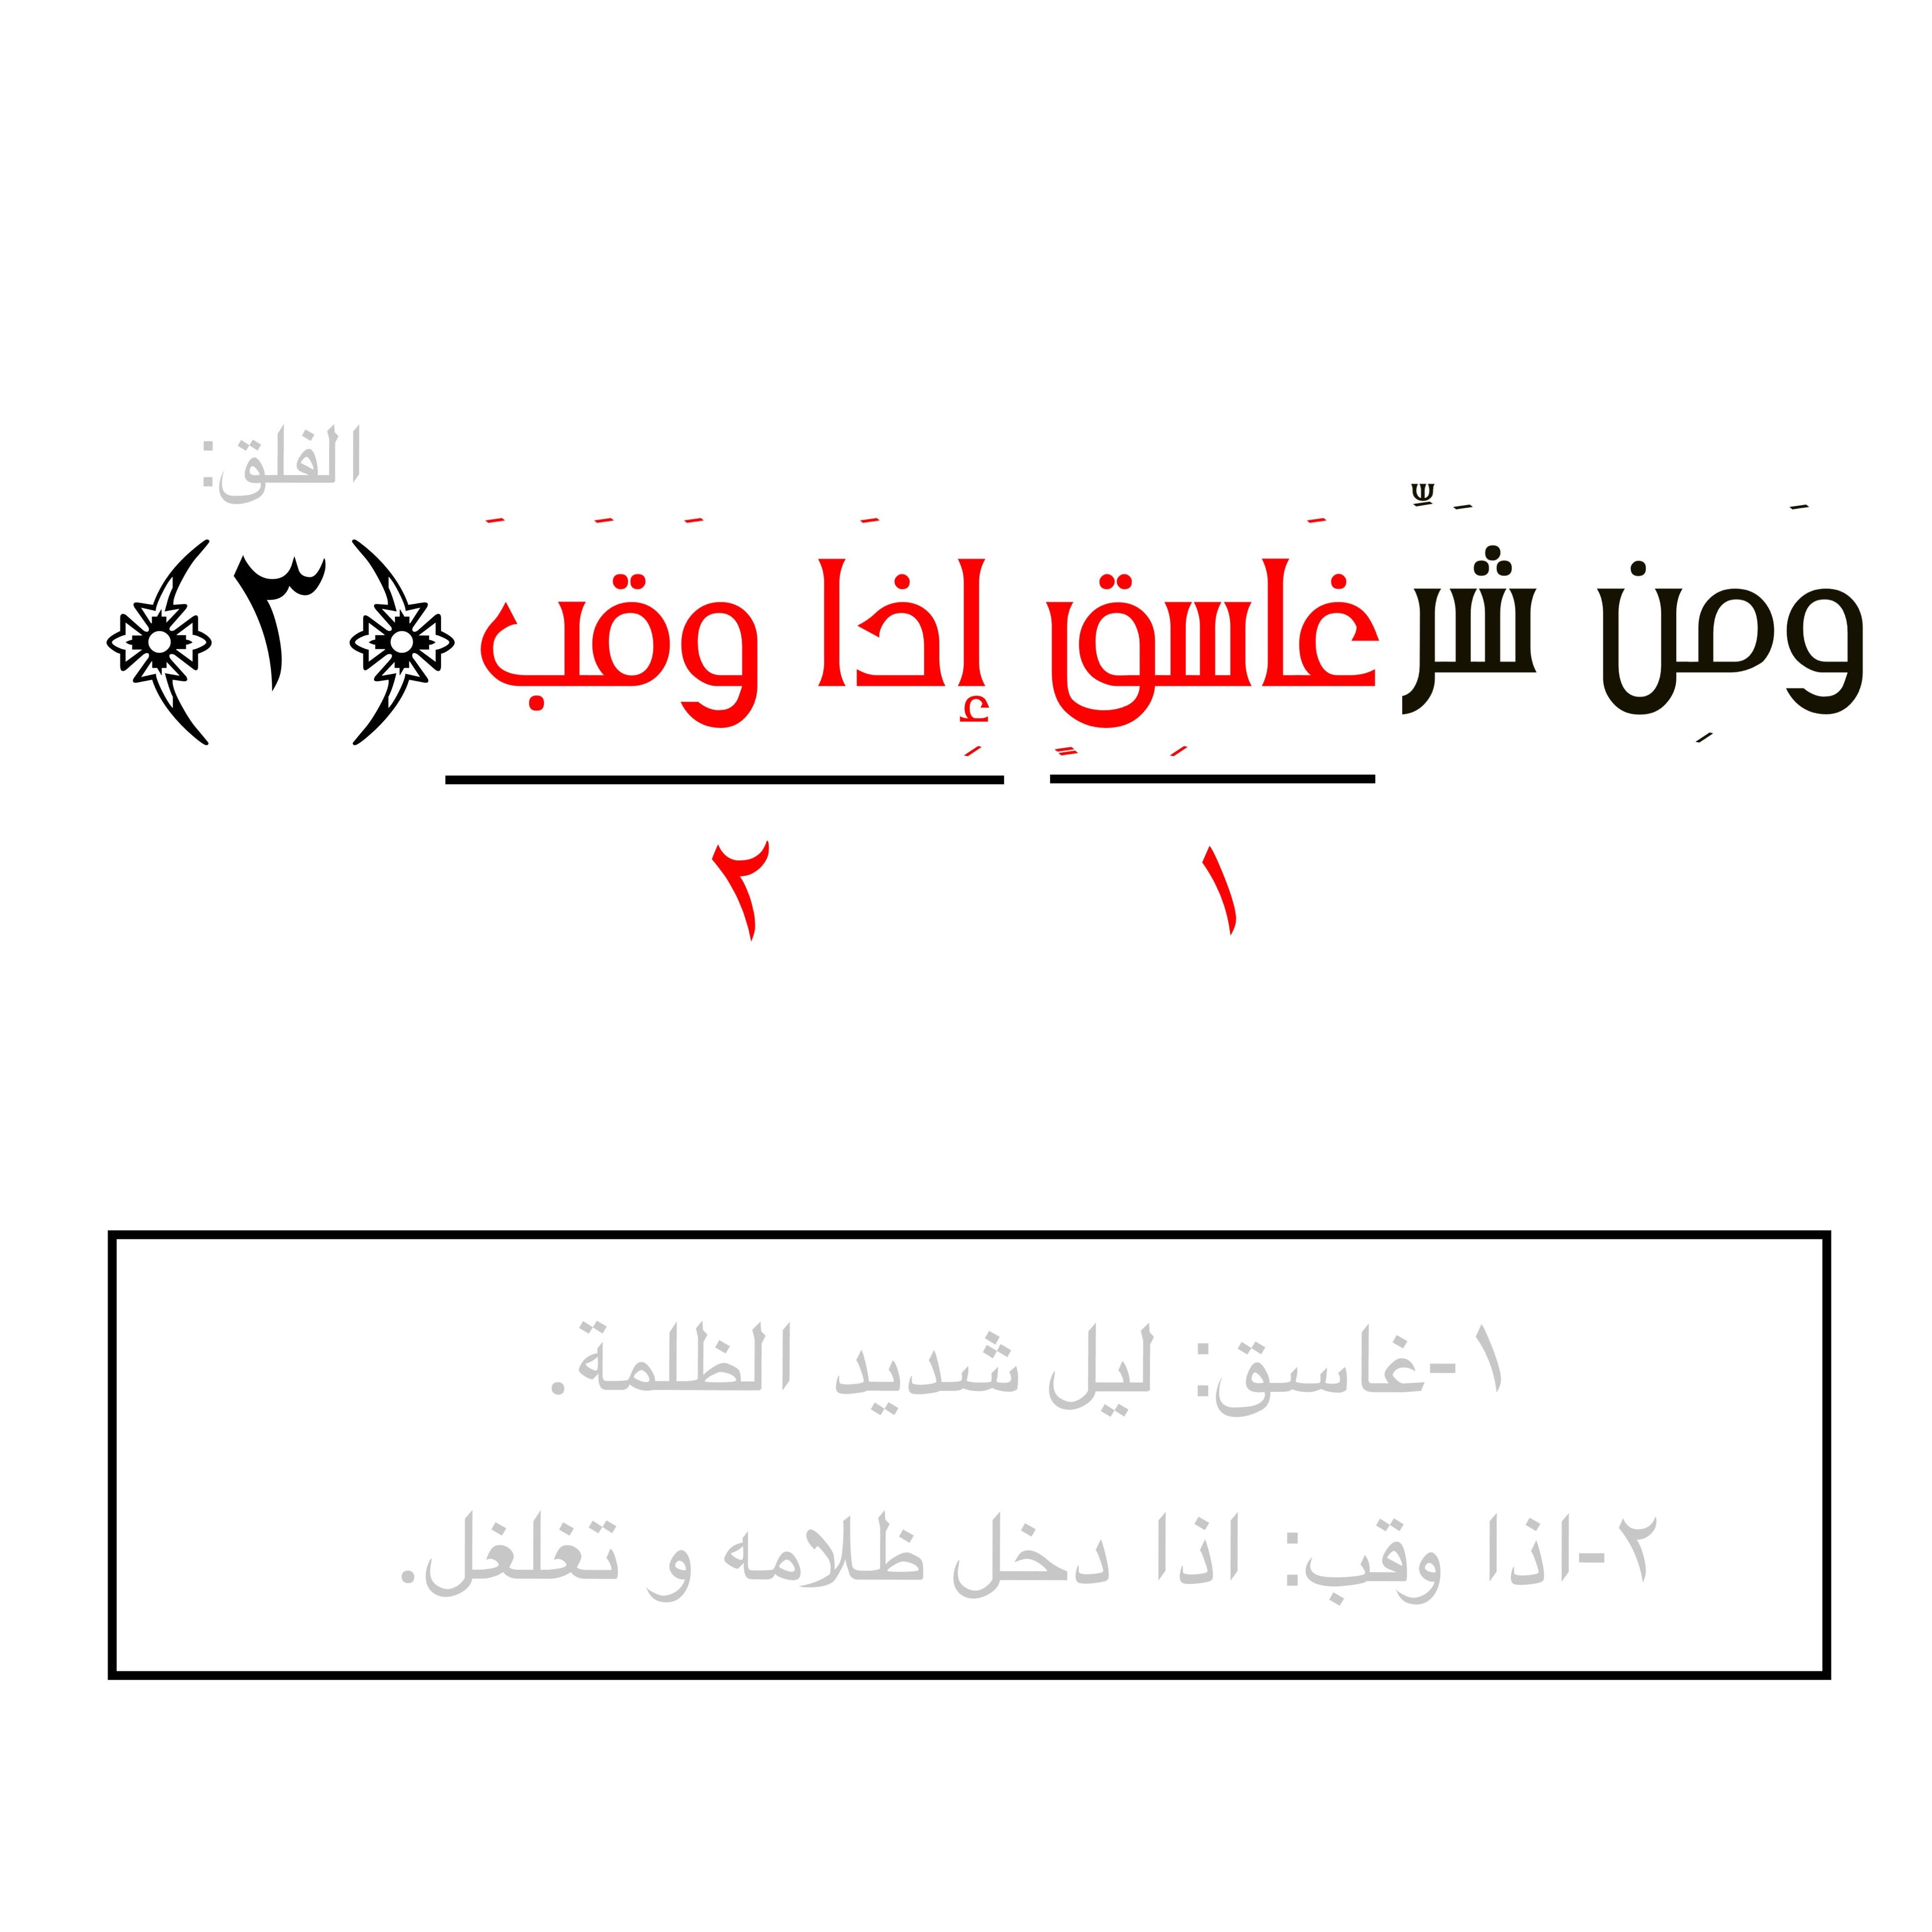 الاسلام القرآن سورة الفلق اية كلمة معنى Arabic Calligraphy Verse Calligraphy